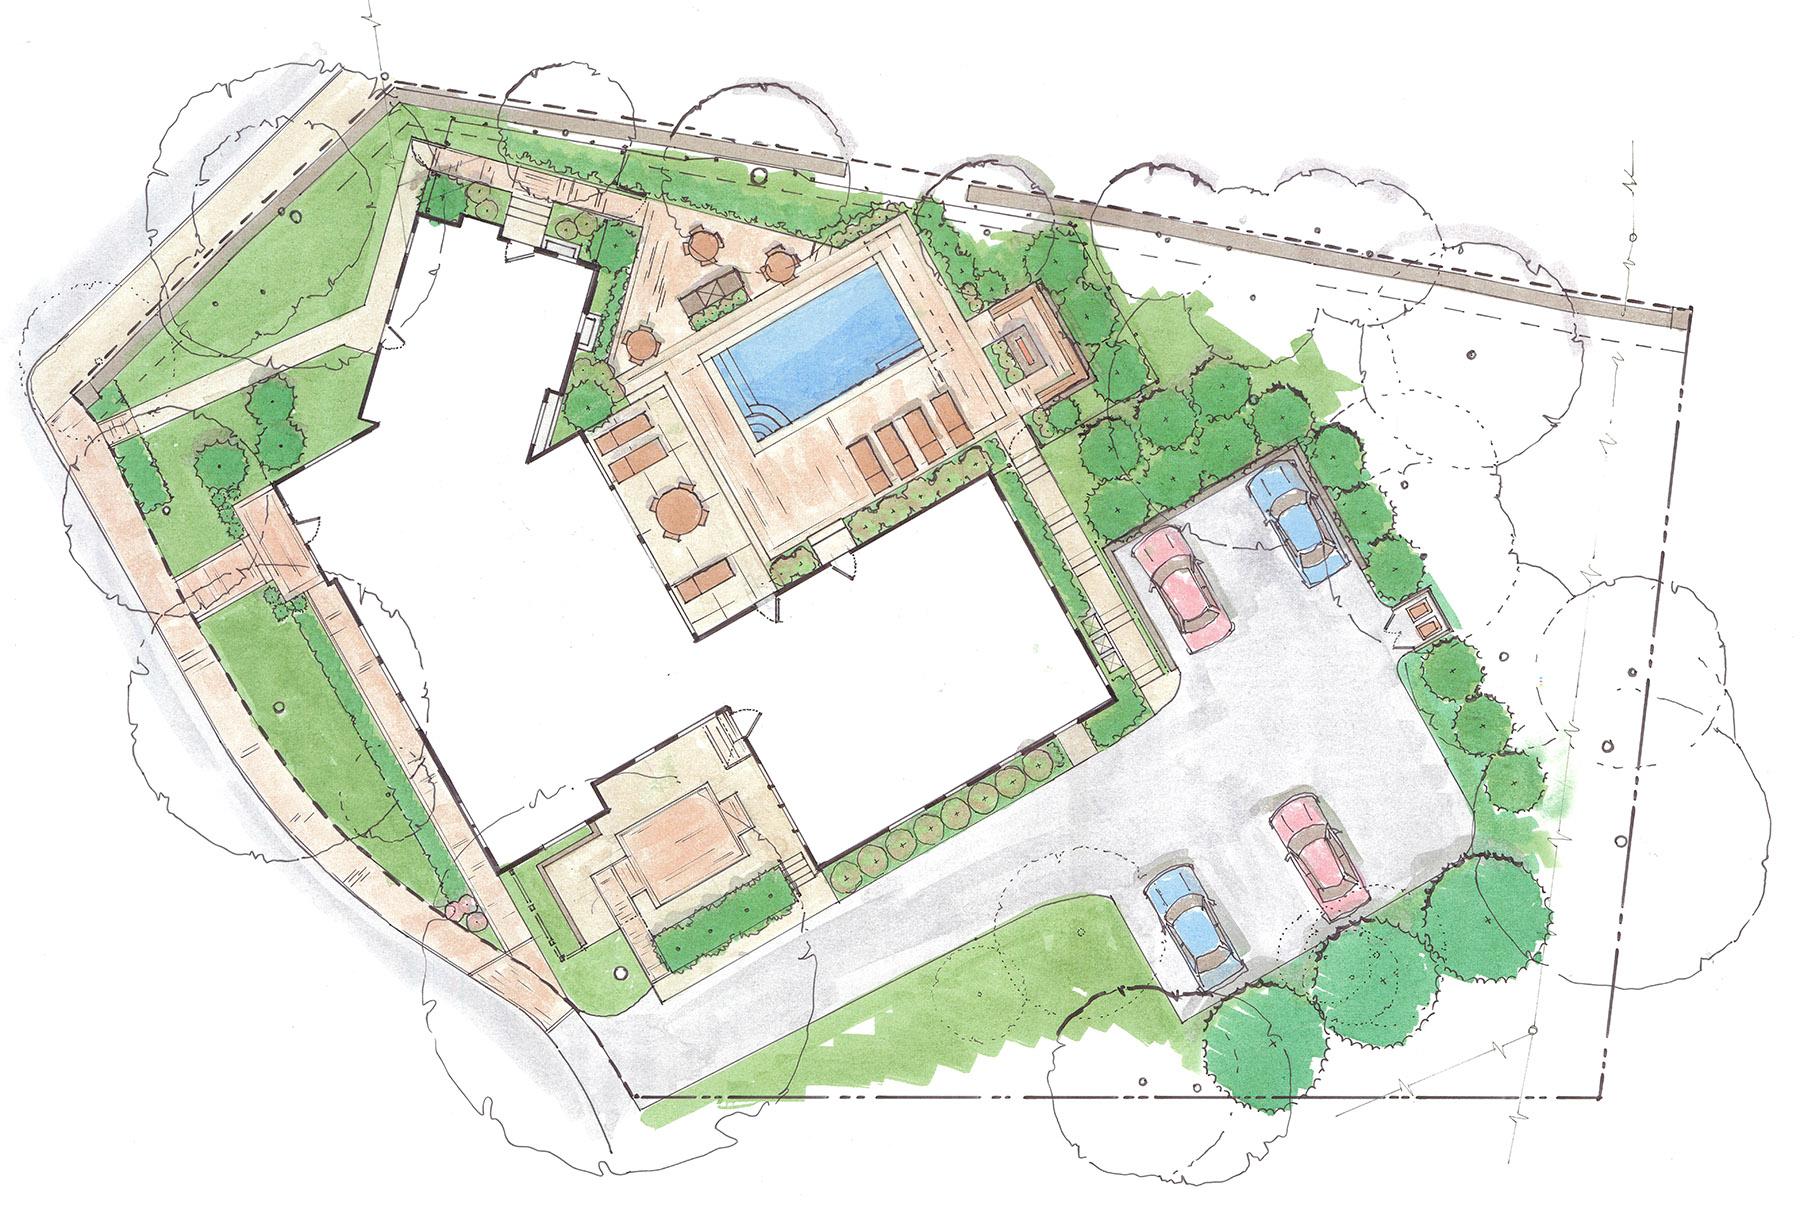 Oakhurst_Hall_Conceptual_Plan_sketch_landscape_design.jpg